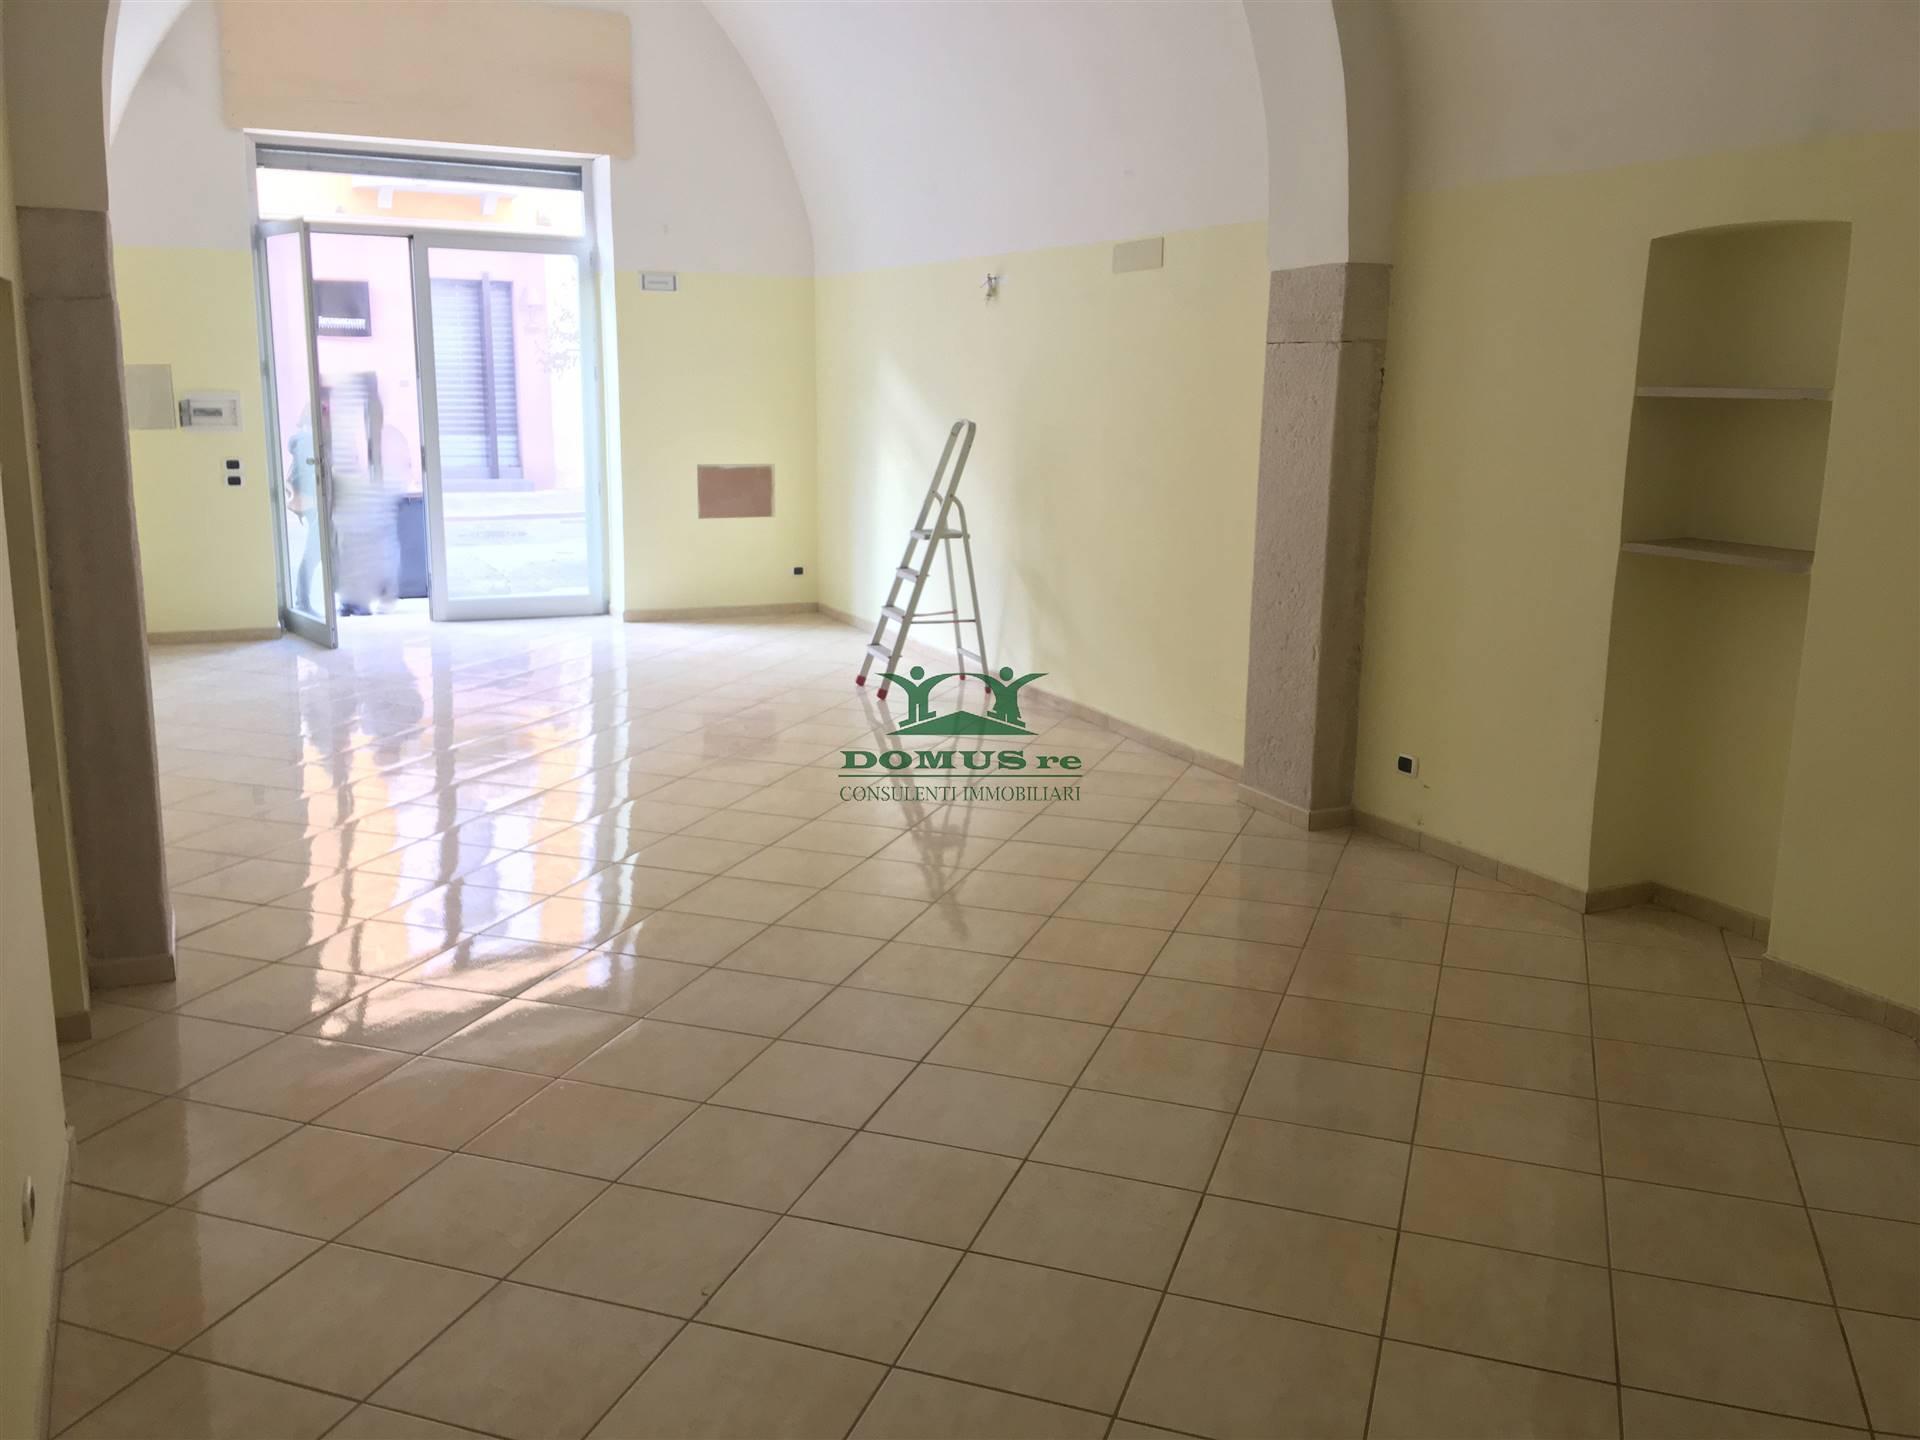 Immobile Commerciale in affitto a Andria, 2 locali, zona Località: SEMICENTRO, prezzo € 600 | CambioCasa.it